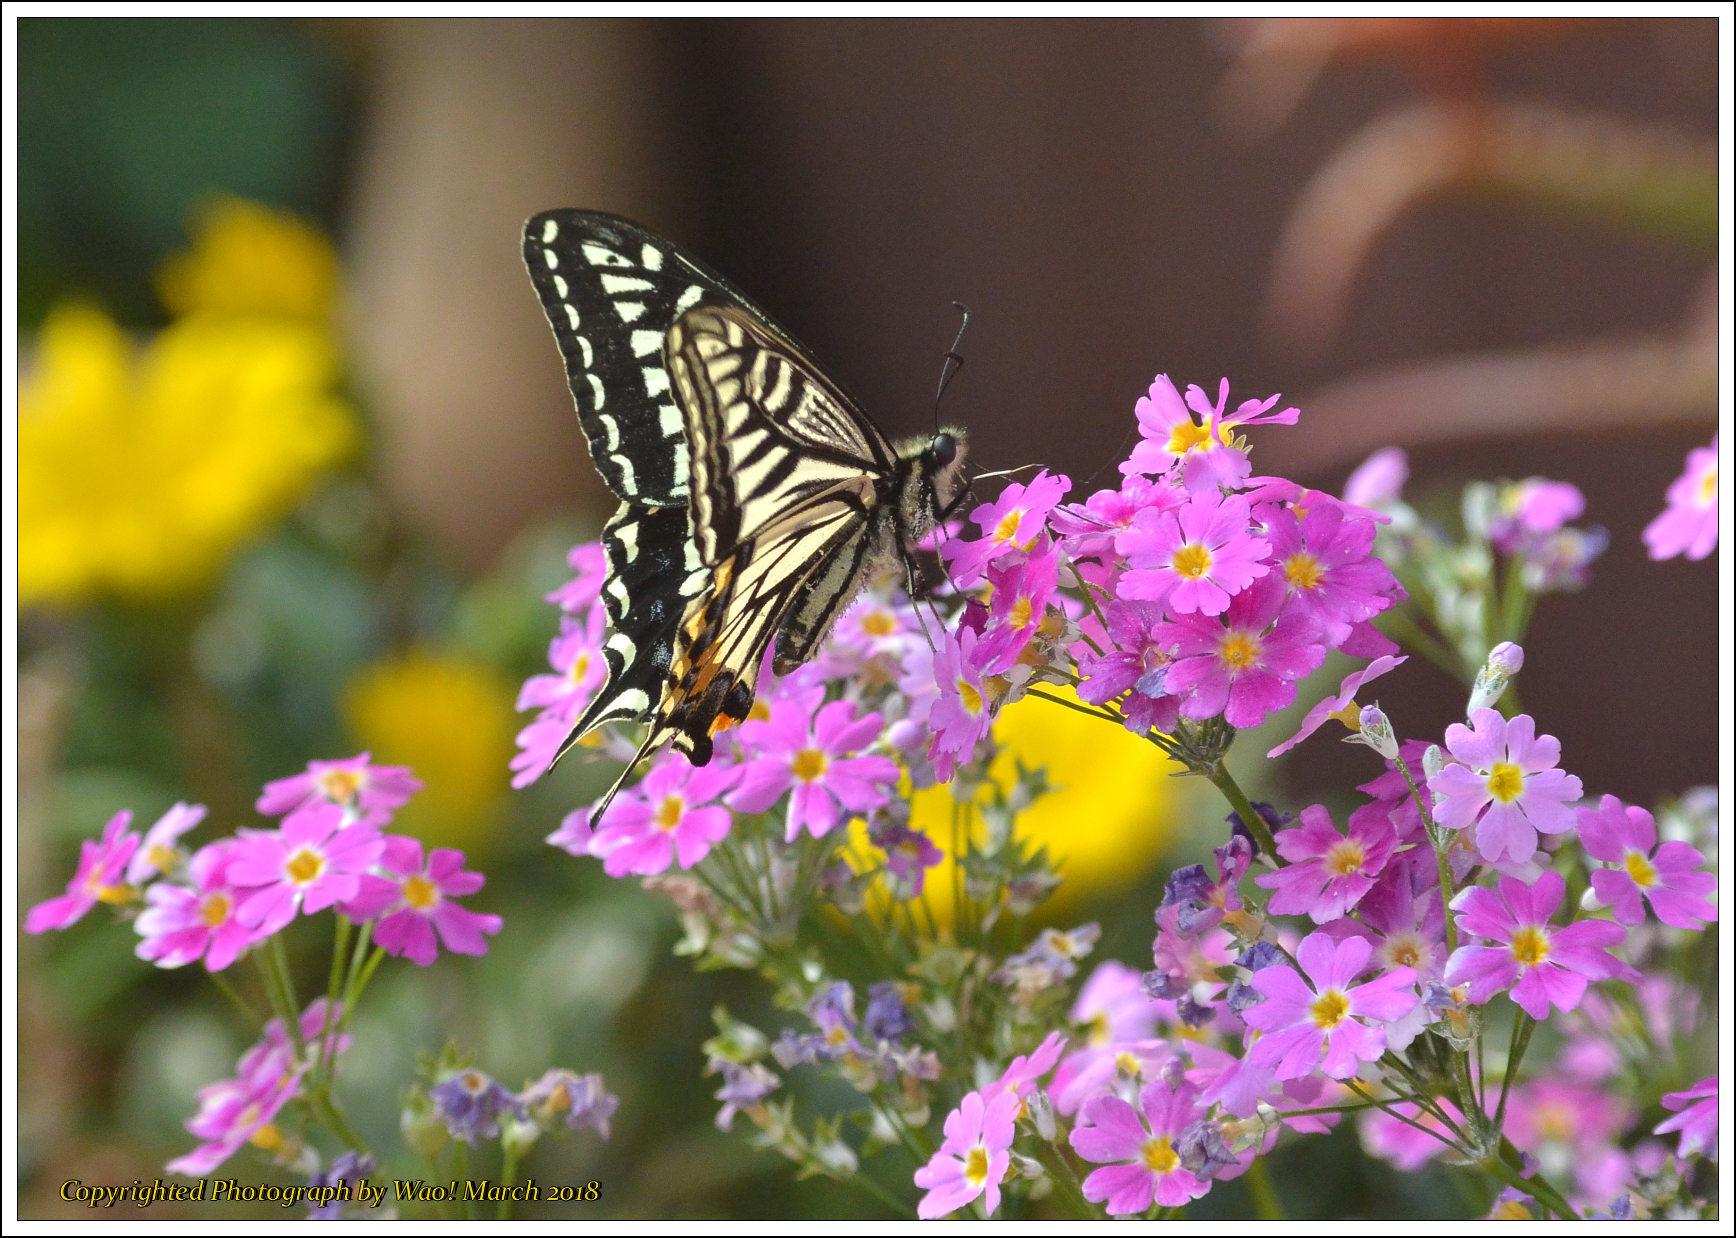 庭に咲く花 -1_c0198669_17422261.jpg